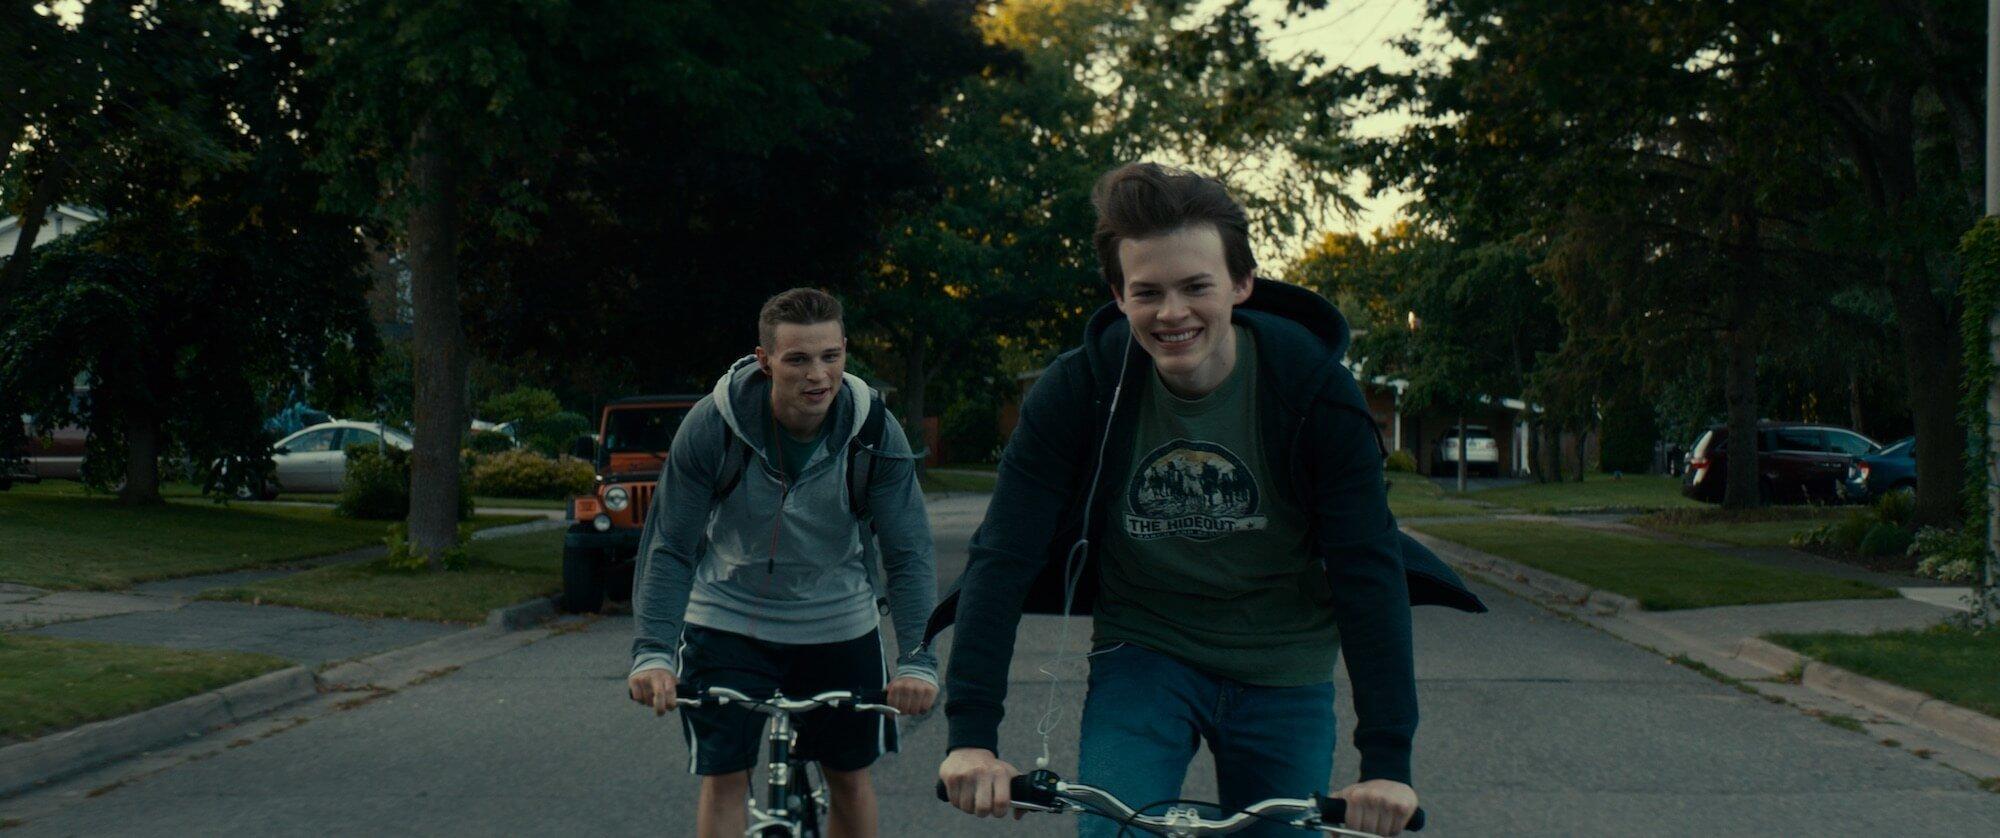 """""""Giant Little Ones"""" follows two teen boys, Ballas (Darren Mann, on left) and Franky (Josh Wiggins), whose friendship is teste"""